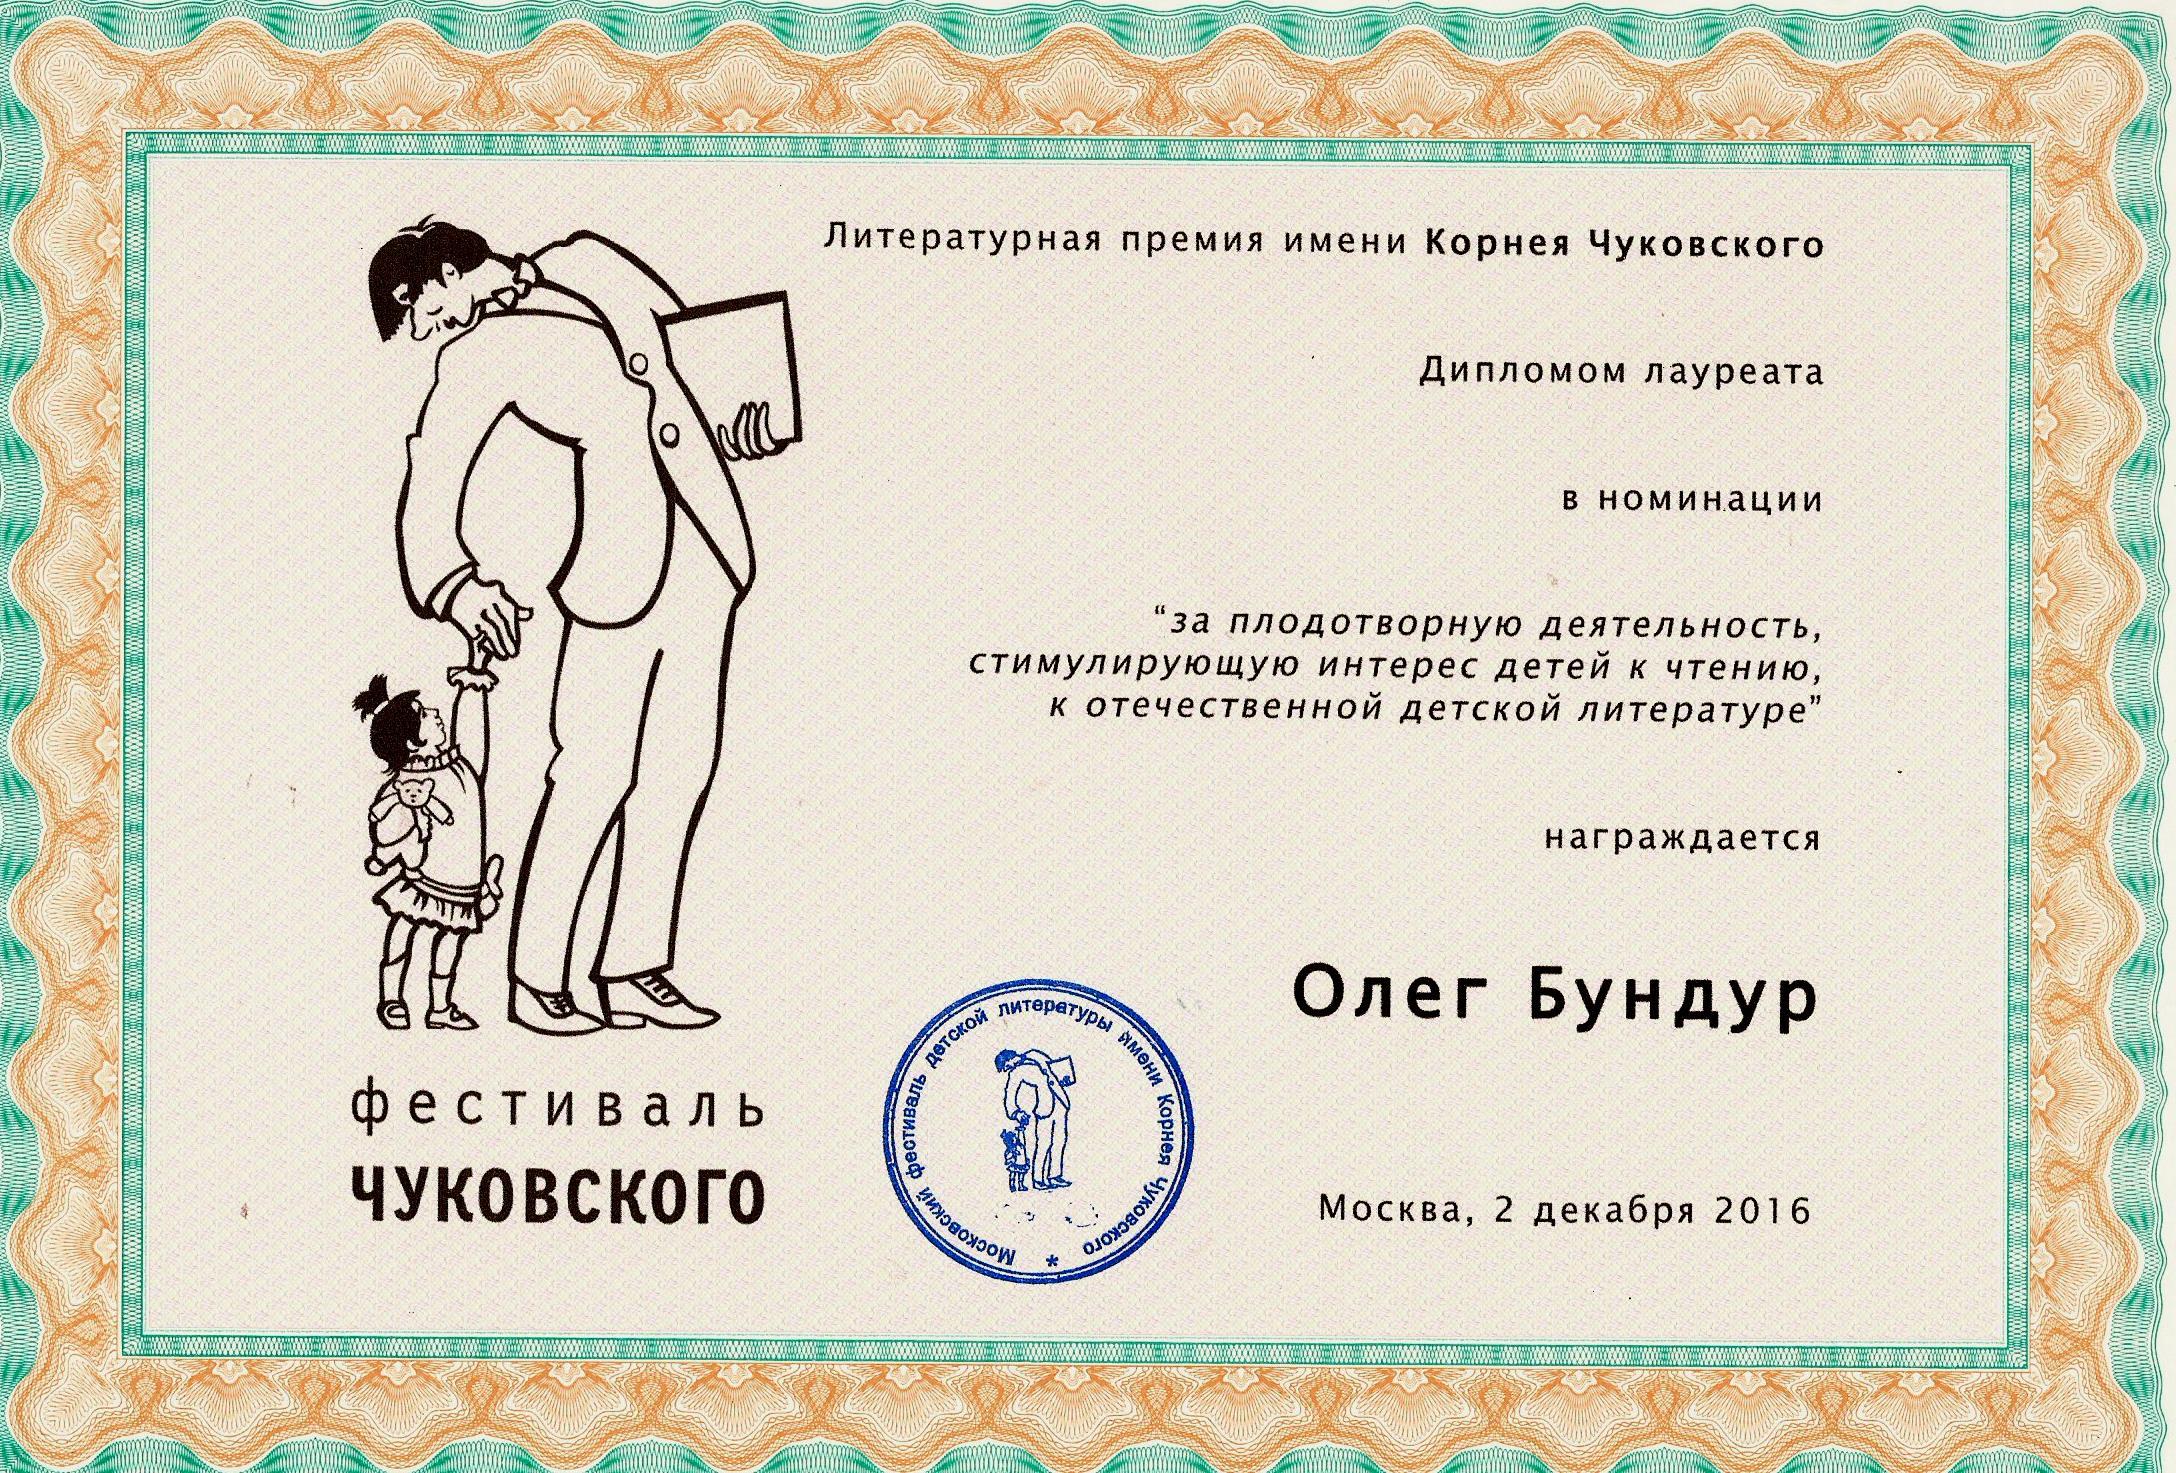 29 ноября премия чуковского 2015